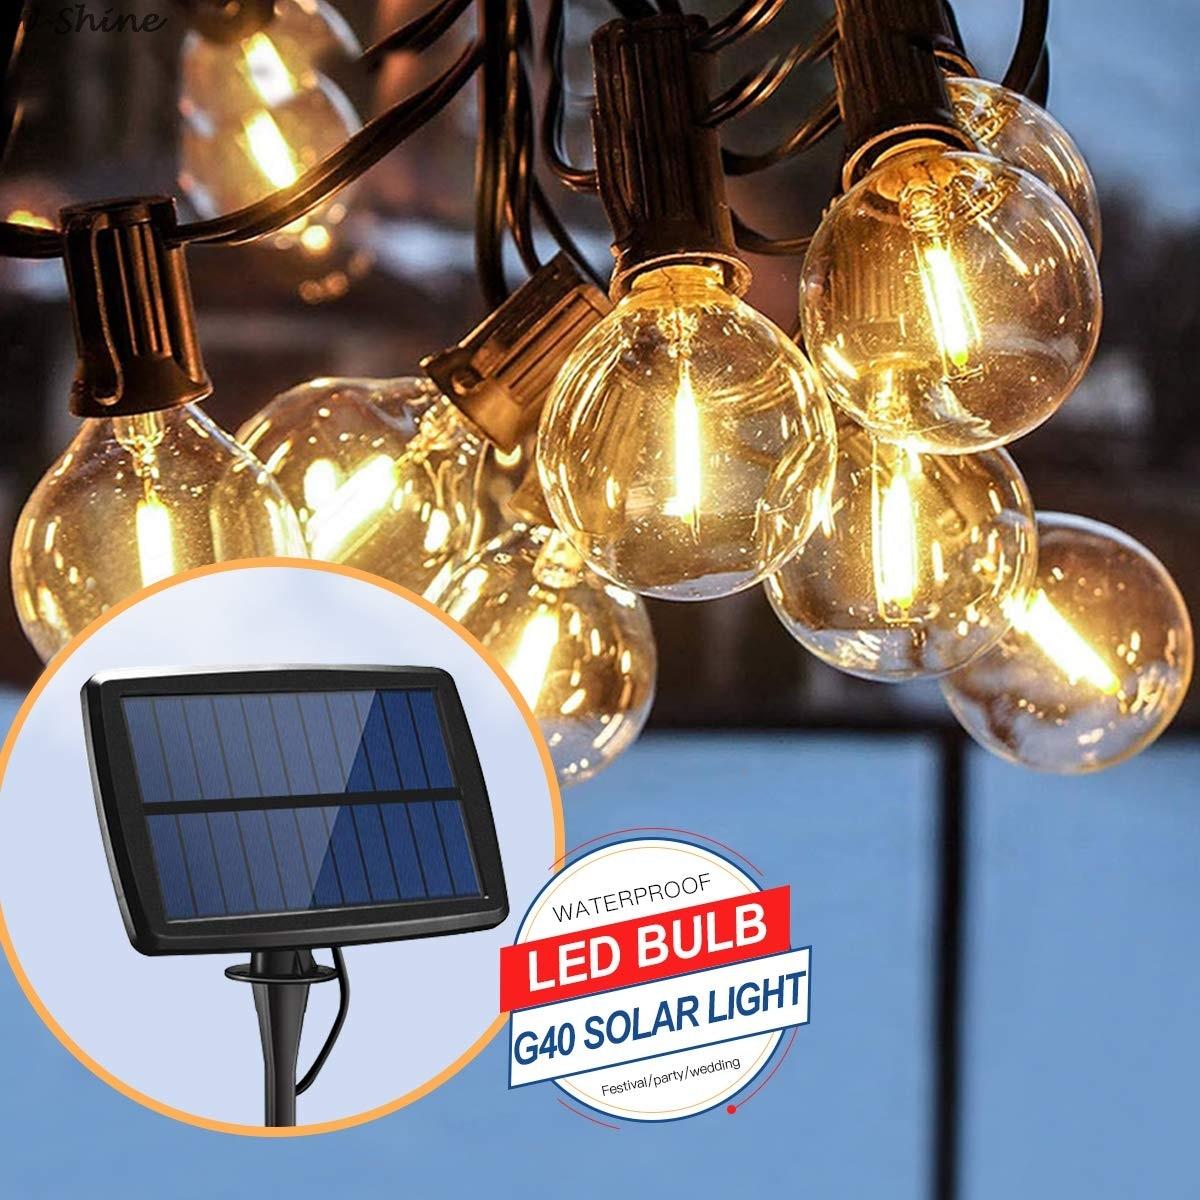 Садовый Солнечный светильник лампочка для гирлянд Эдисона, струнный светильник s G40, ретро, стеклянная лампа для наружного использования, во...